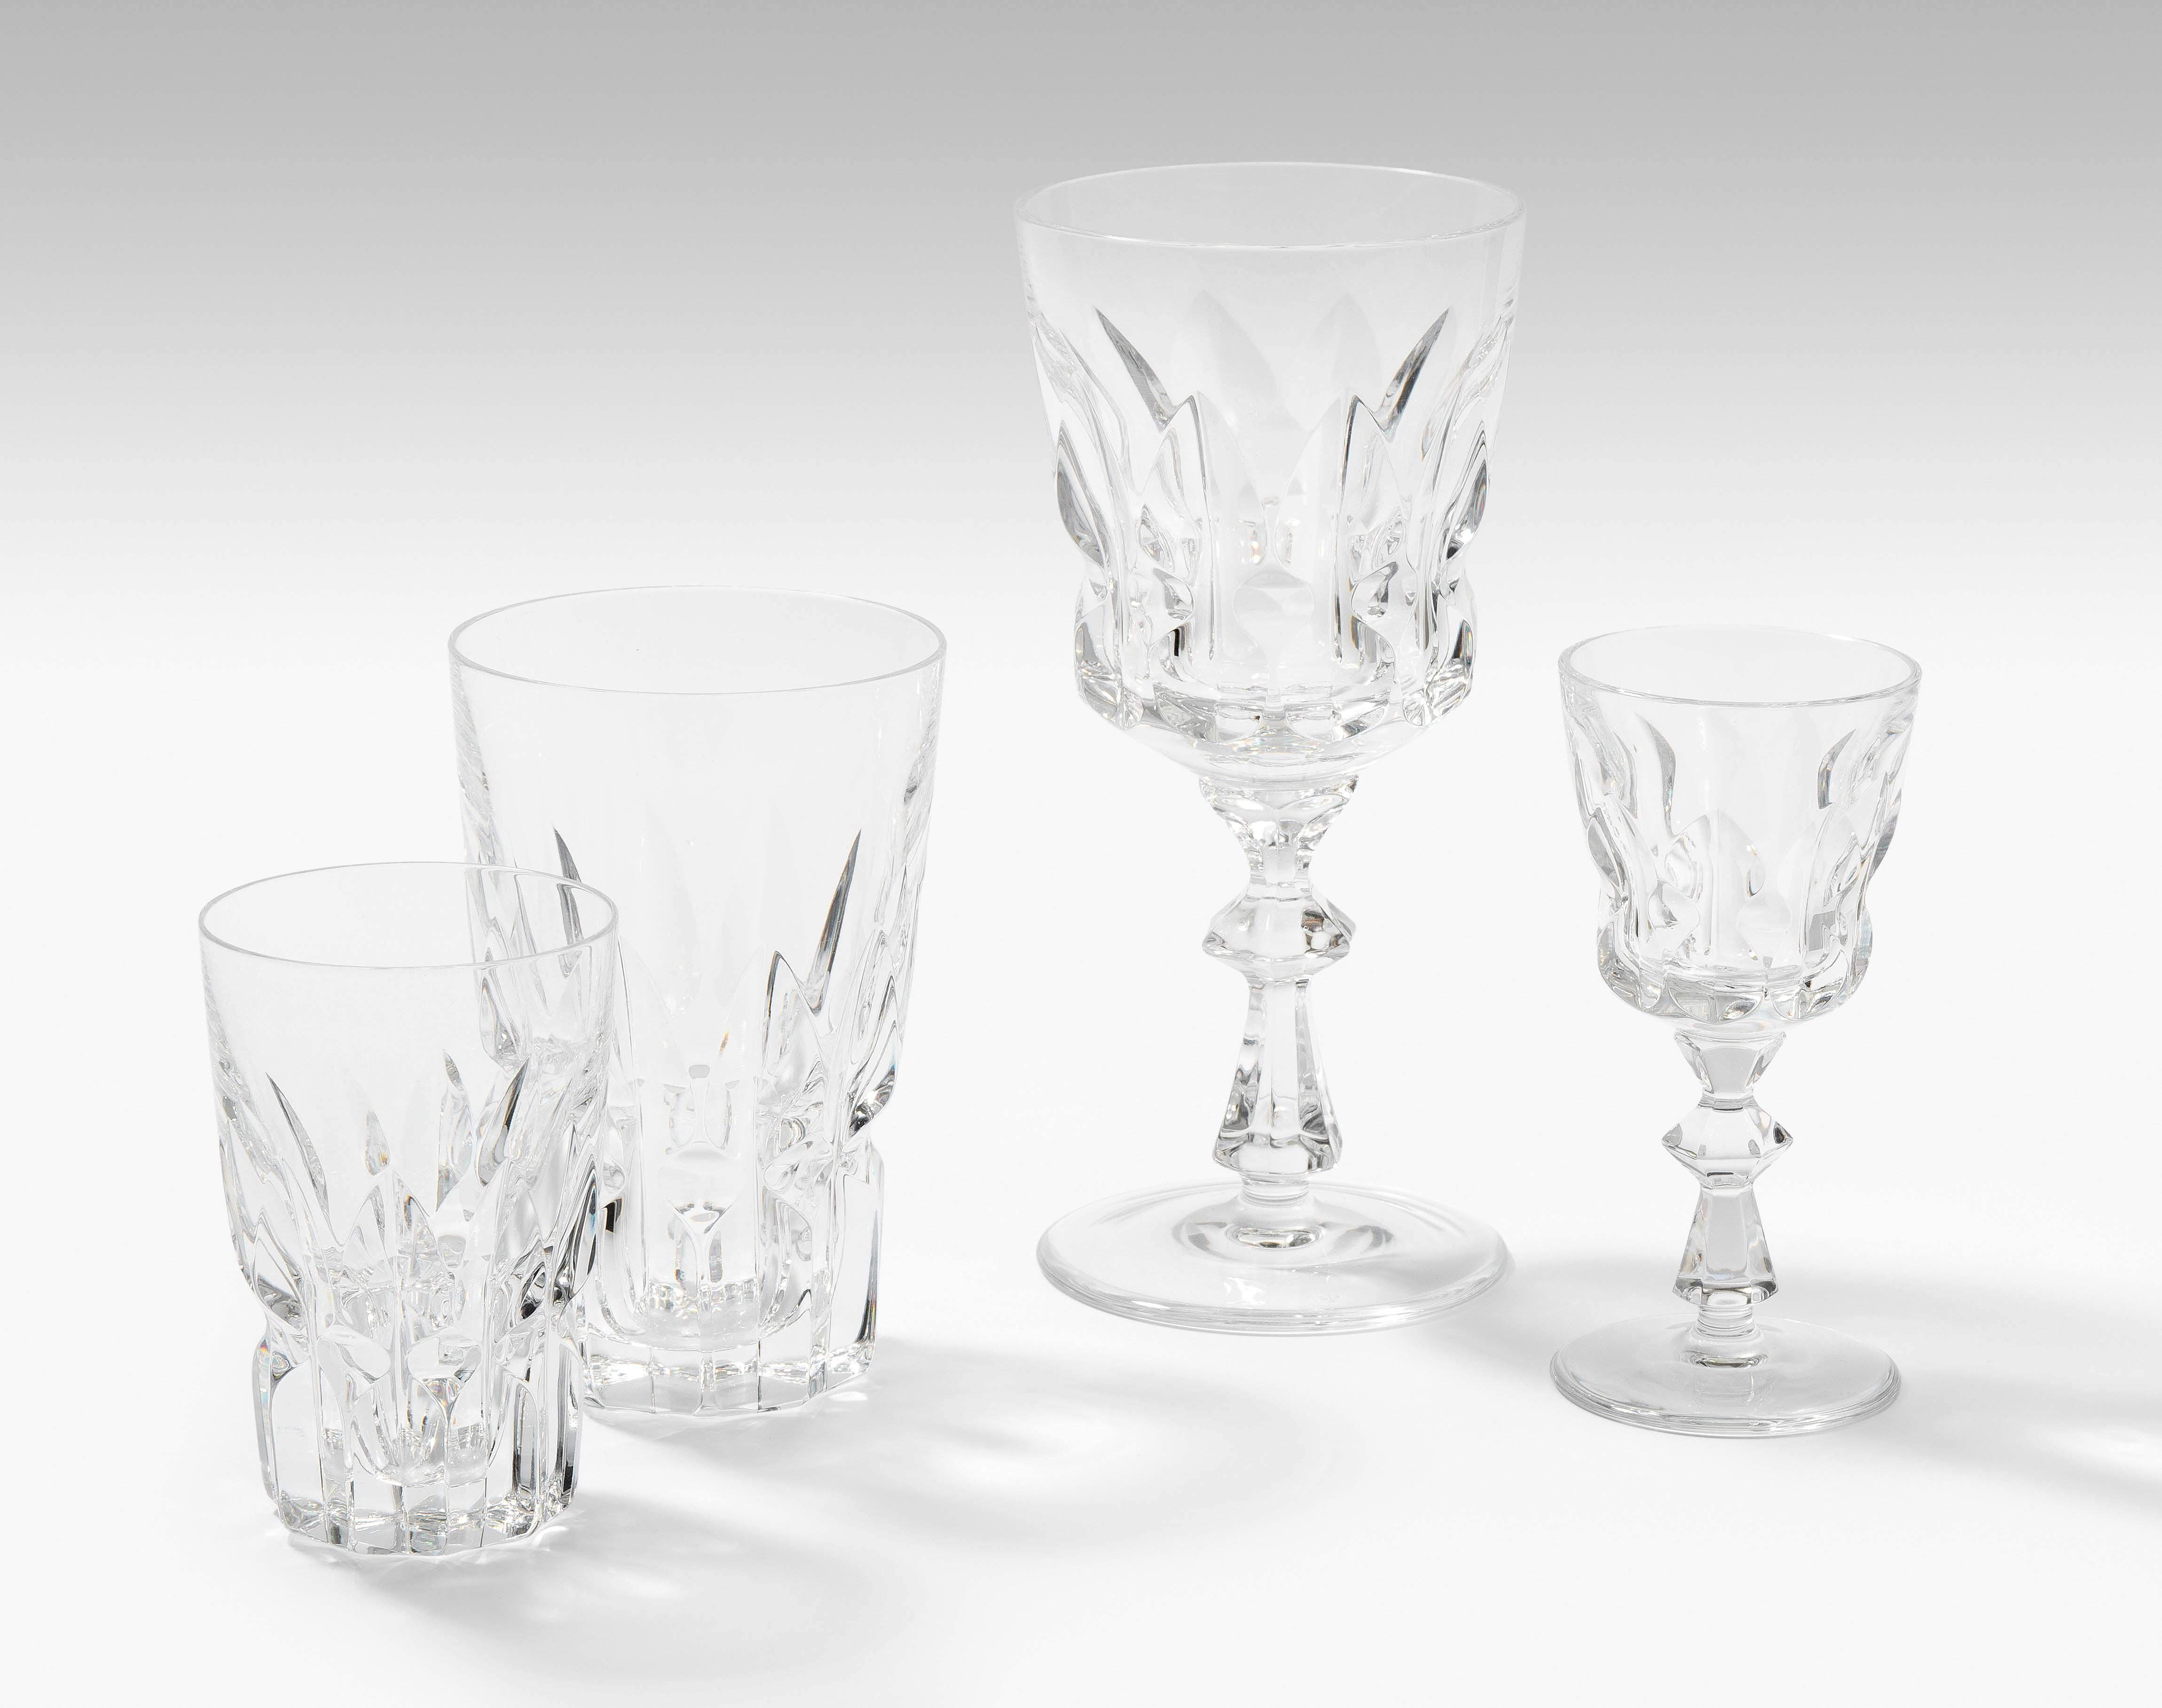 Peill & Putzler, Gläserserviceteile